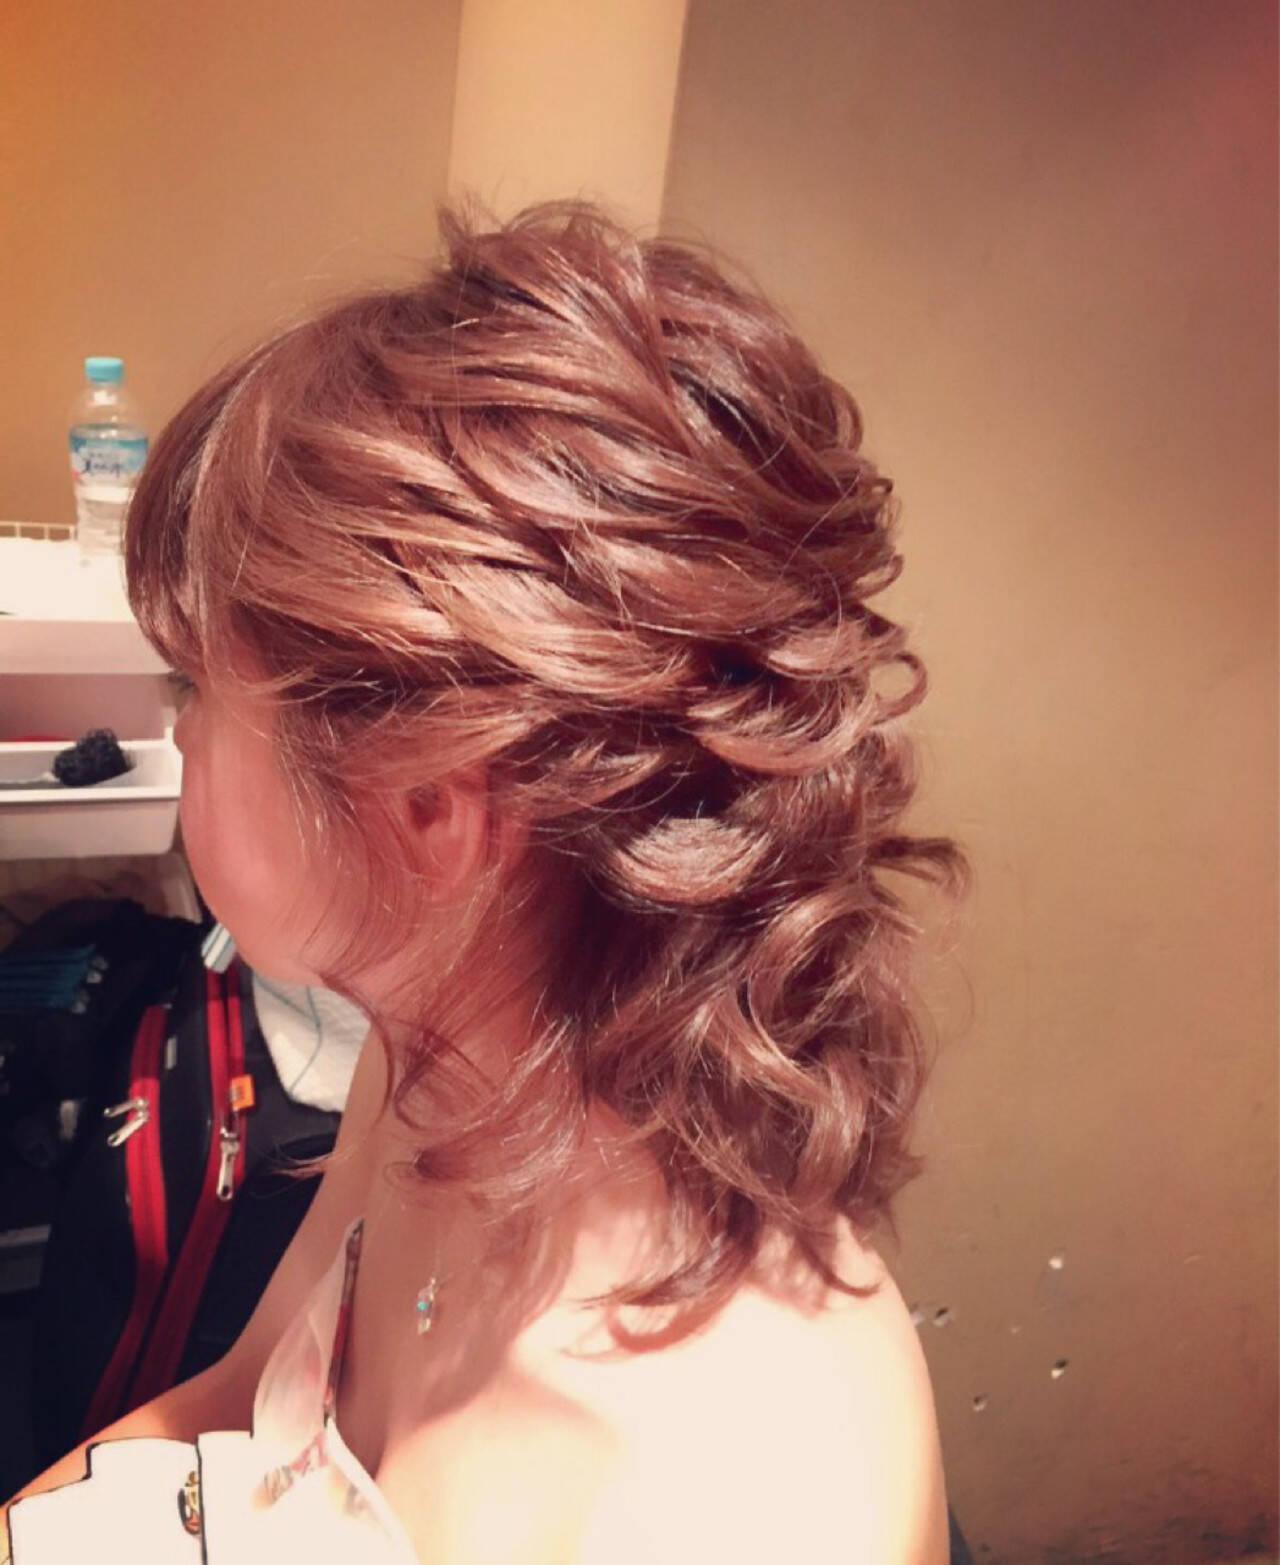 ミディアム ブライダル 簡単ヘアアレンジ 編み込みヘアスタイルや髪型の写真・画像